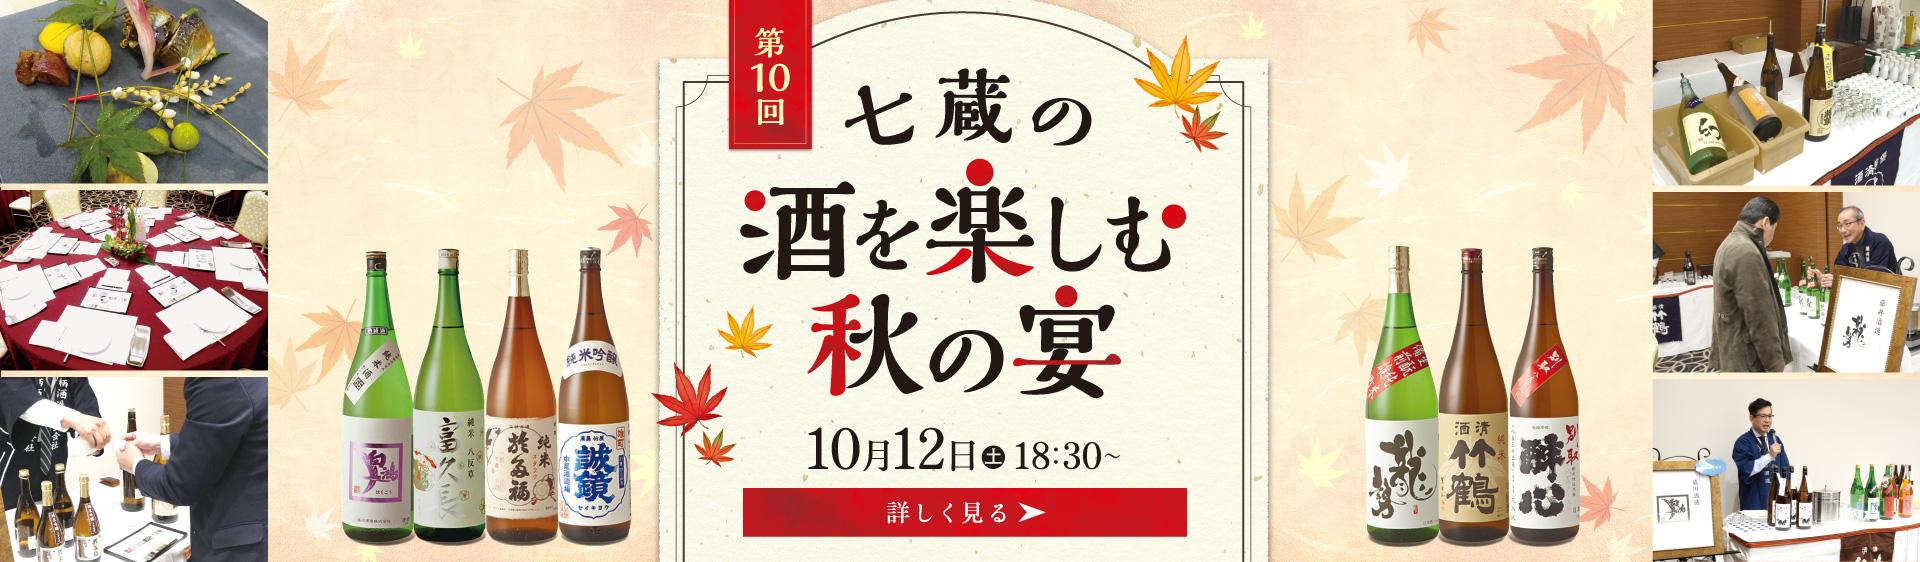 七蔵の酒を楽しむ秋の宴ご予約承り中